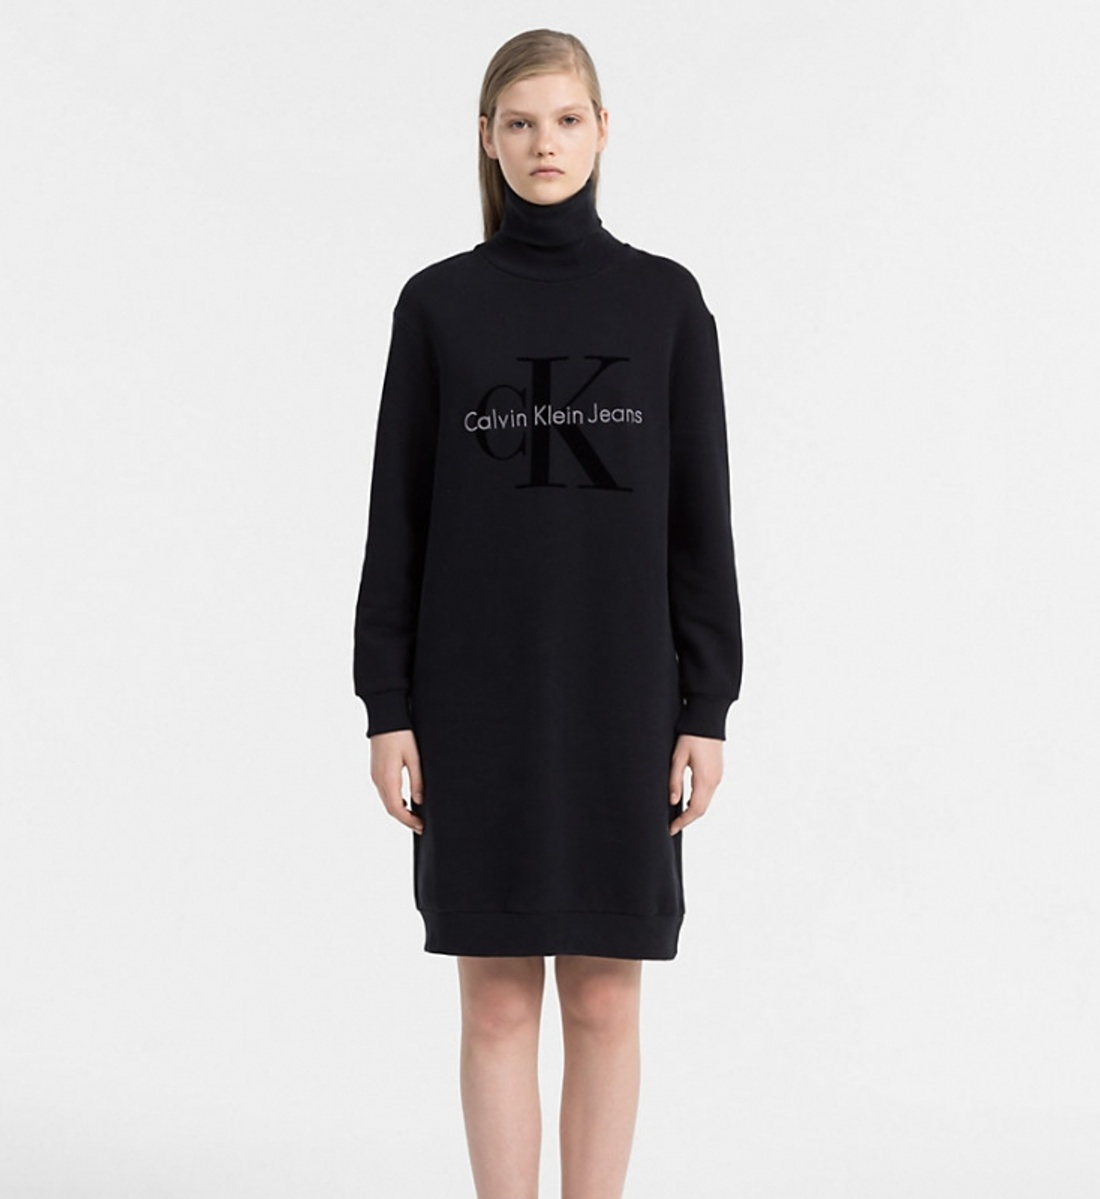 Calvin Klein dámské černé šaty Doll - Mode.cz 4a57e43110c